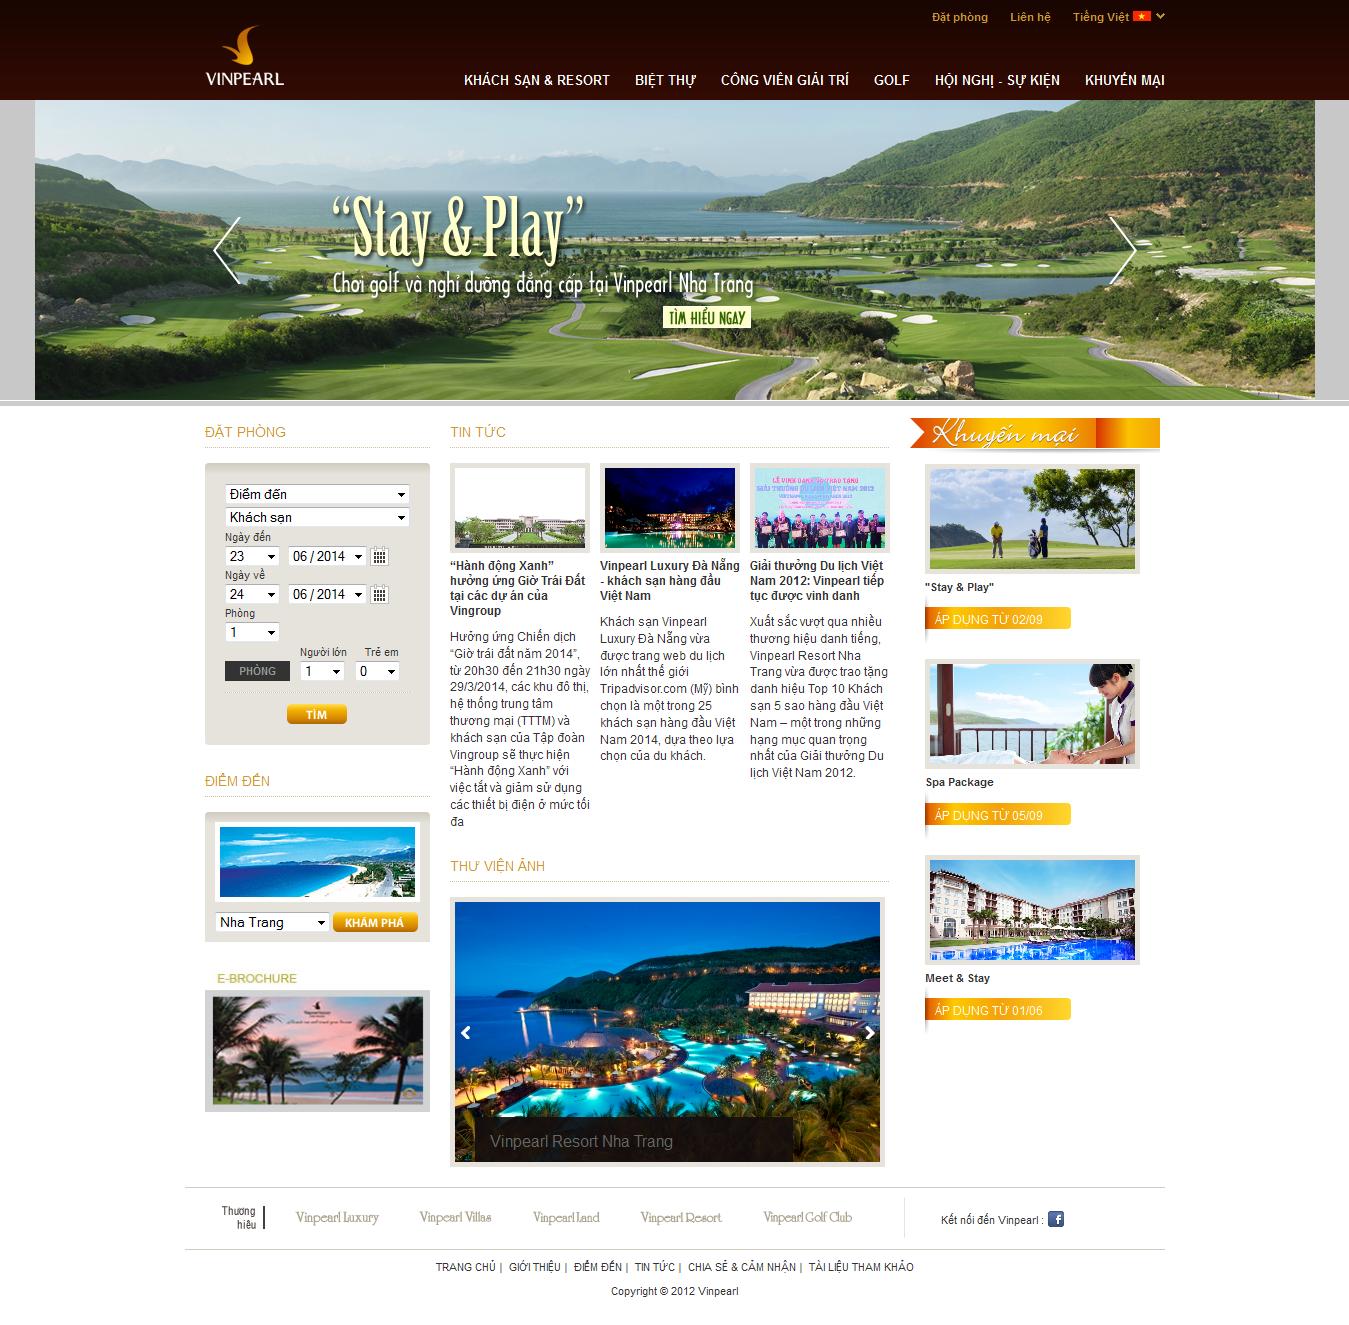 Mẫu website nhà hàng, khách sạn 10440